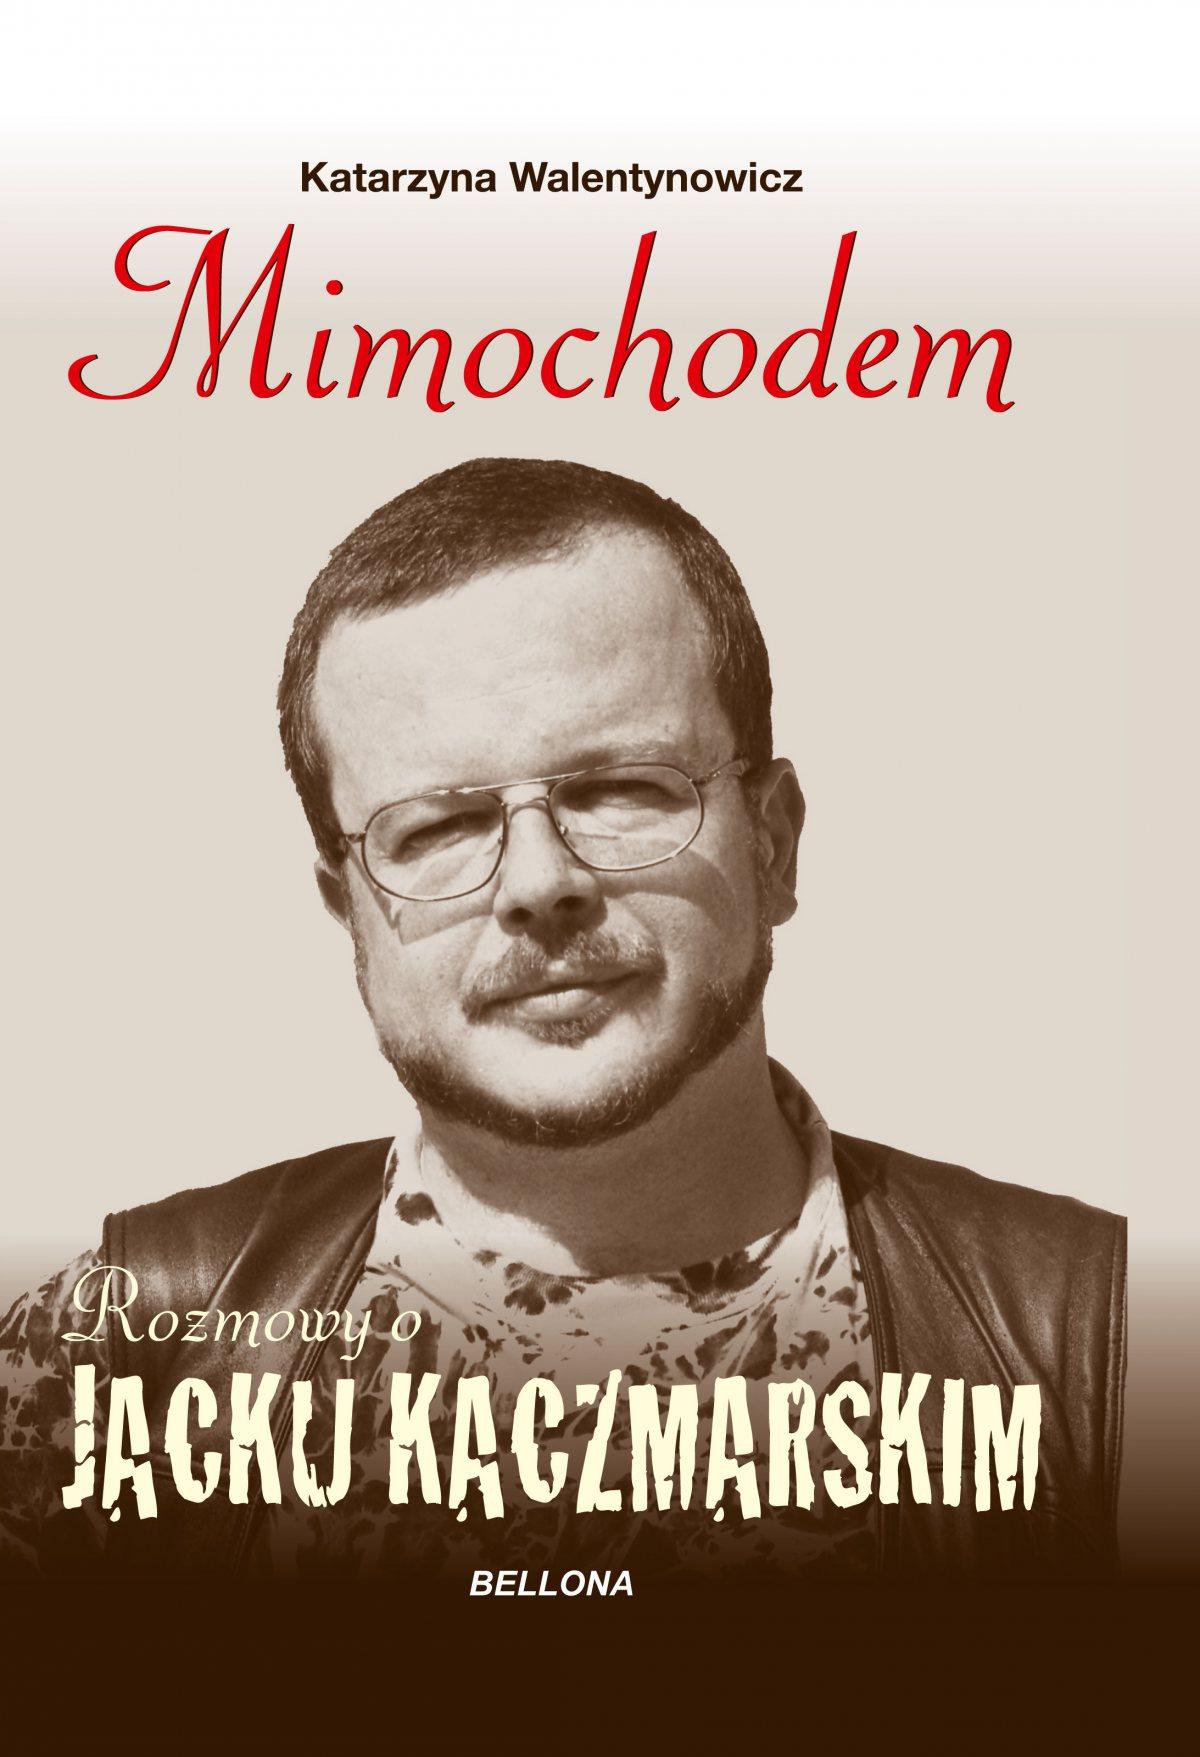 Mimochodem. Rozmowy o Jacku Kaczmarskim - Ebook (Książka EPUB) do pobrania w formacie EPUB